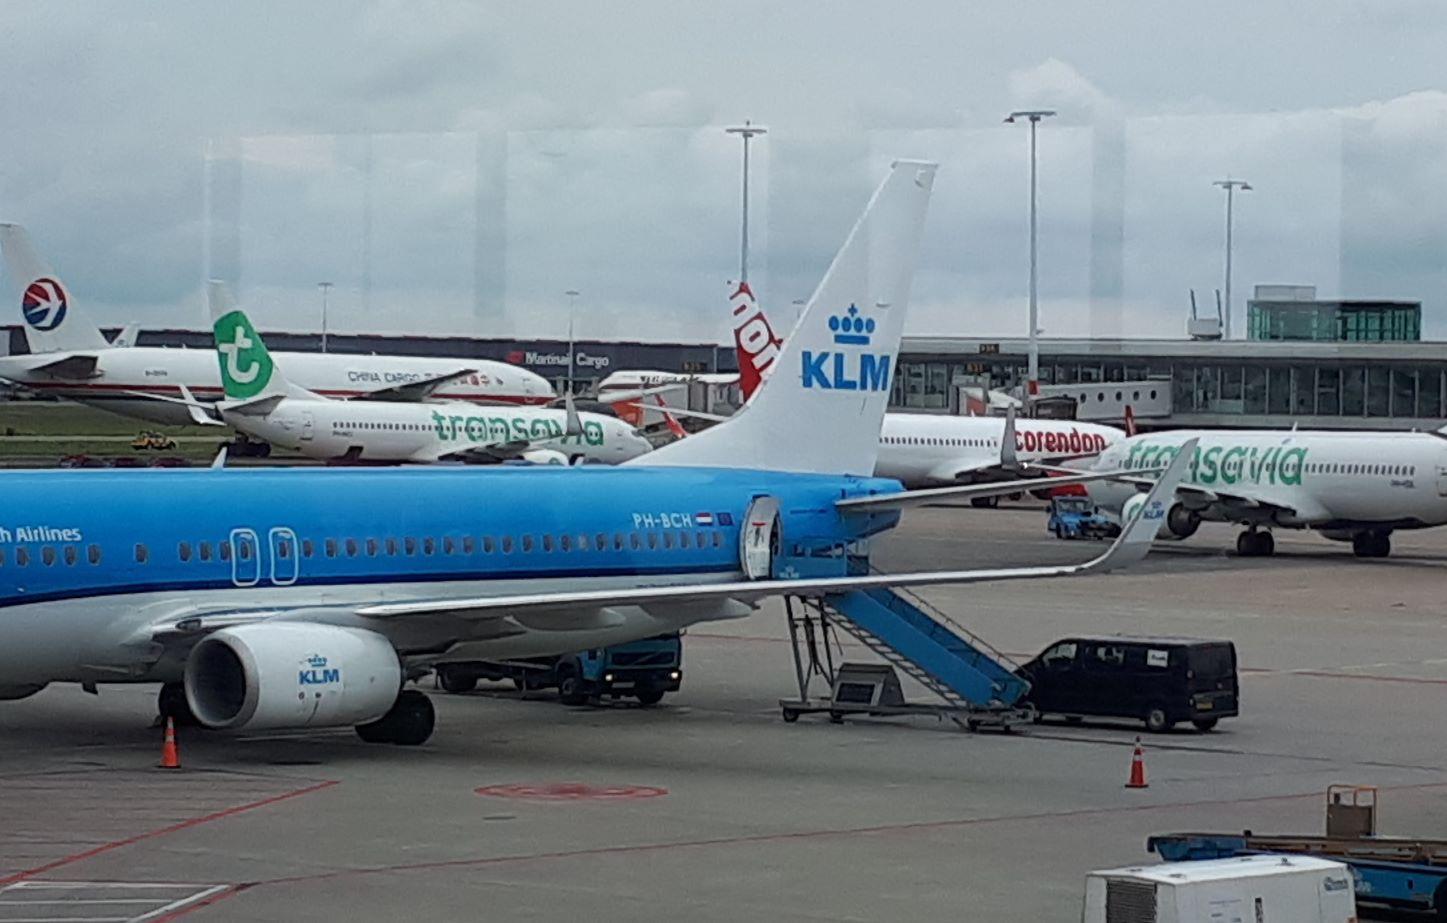 Nogle firmaer rejser stadig næsten normalt men med hensyn til rejsevejledningerne, andre har rejsestop. Der er stor forskel, oplyser tre danske erhvervsrejsebureauer. Foto fra Amsterdam Lufthavn, Henrik Baumgarten.